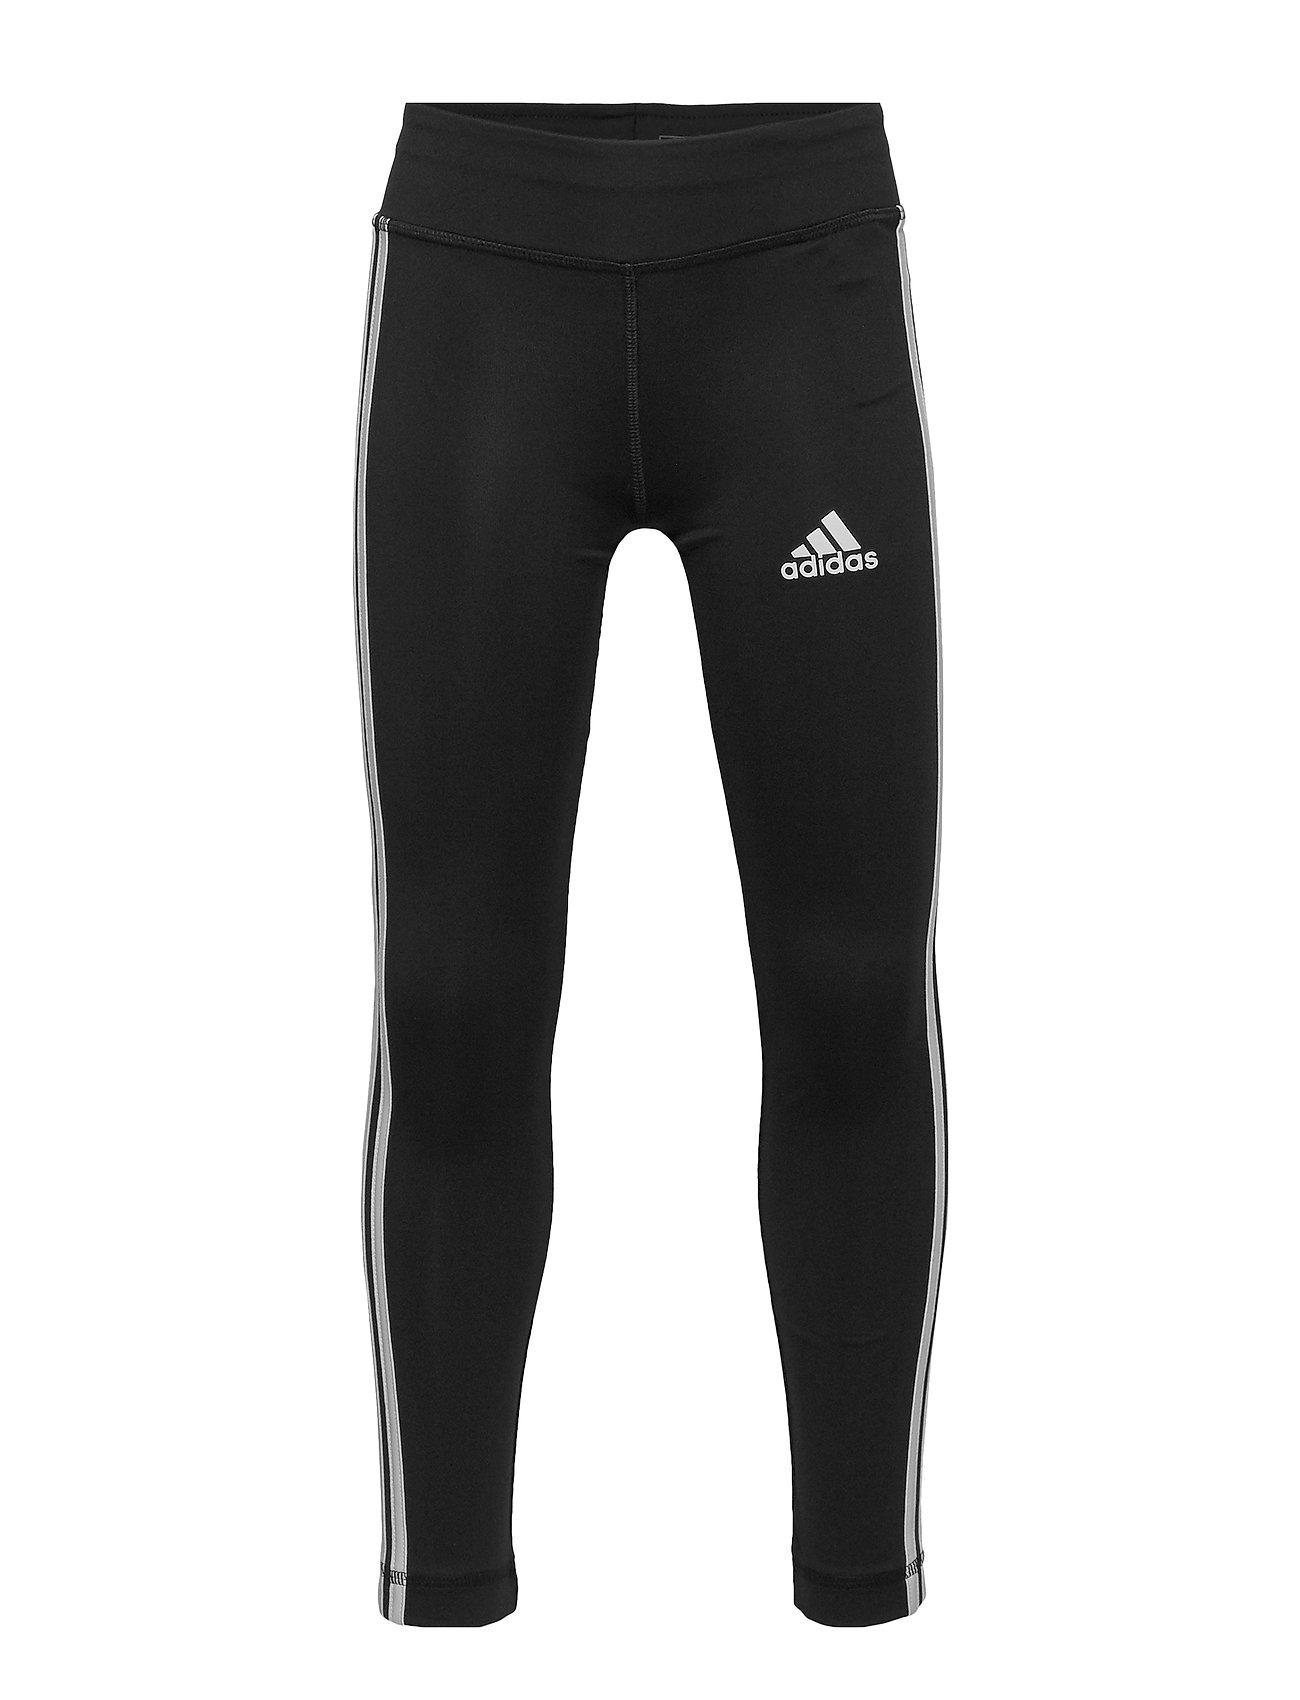 adidas Performance YG TR EQ 3S L T - BLACK/WHITE